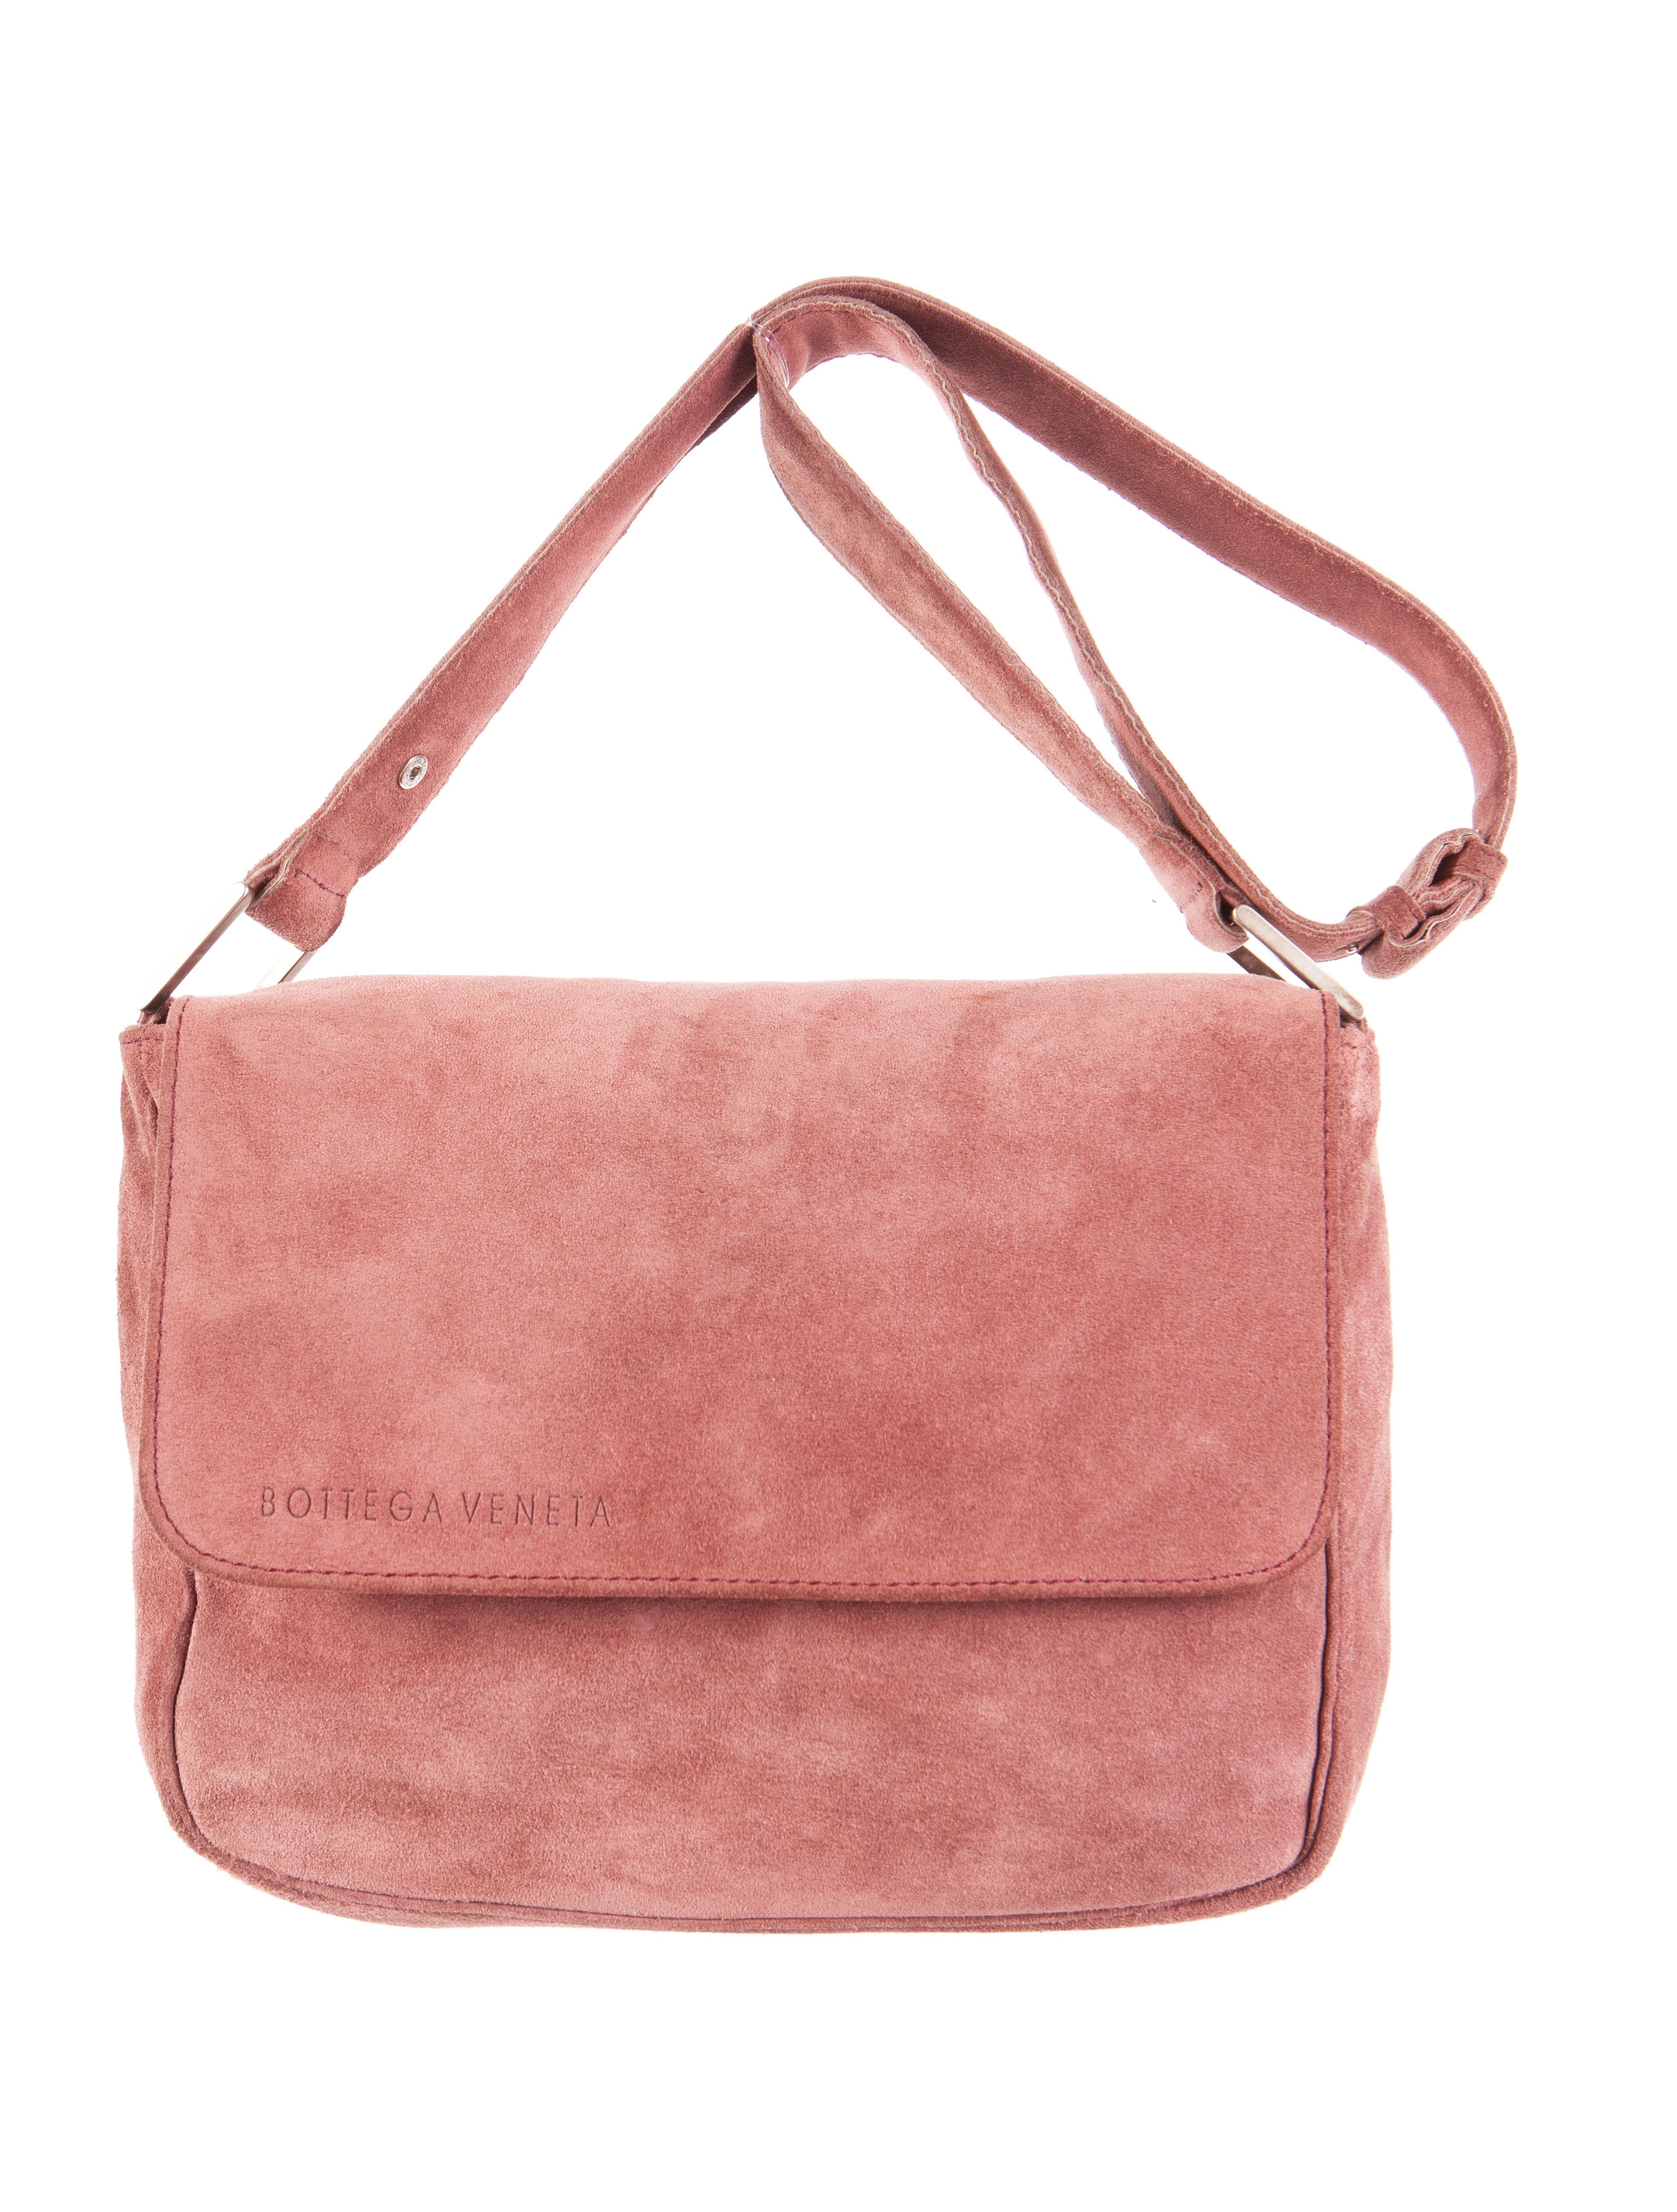 b28dc59185 Brown suede Bottega Veneta vintage shoulder bag with antiqued silver-tone  hardware